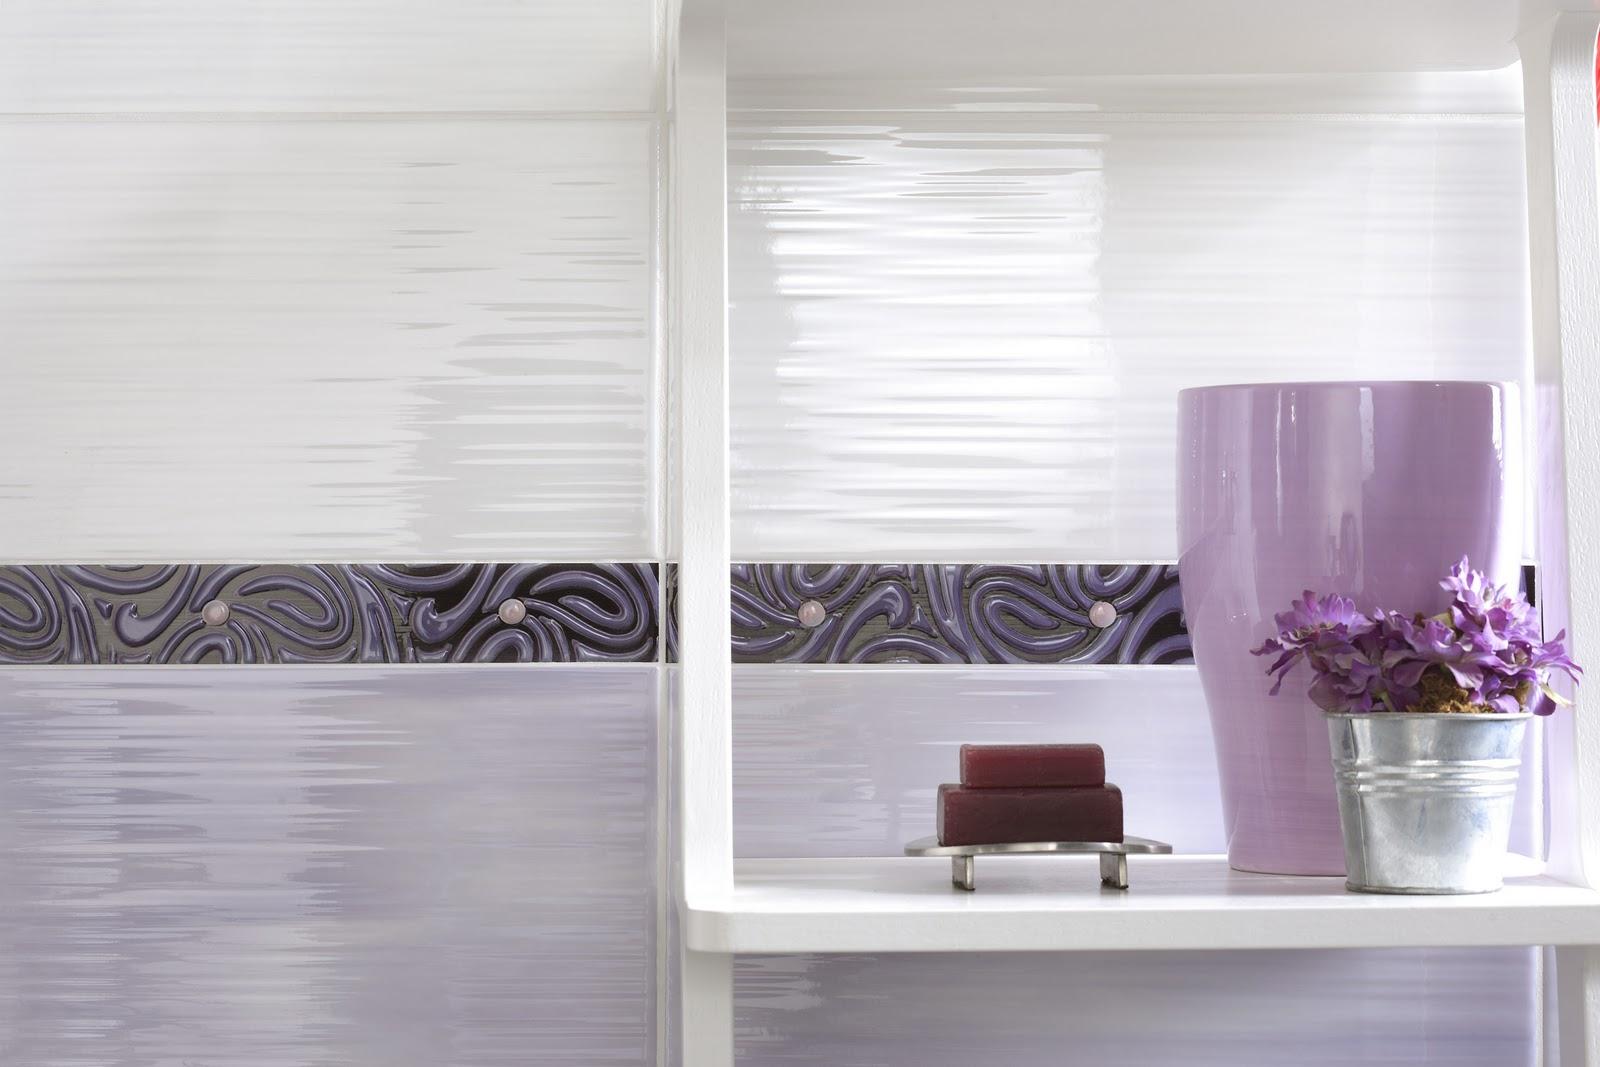 Pavimenti moderni imola ceramica cersaie 2010 - Pavimenti per bagno moderno ...